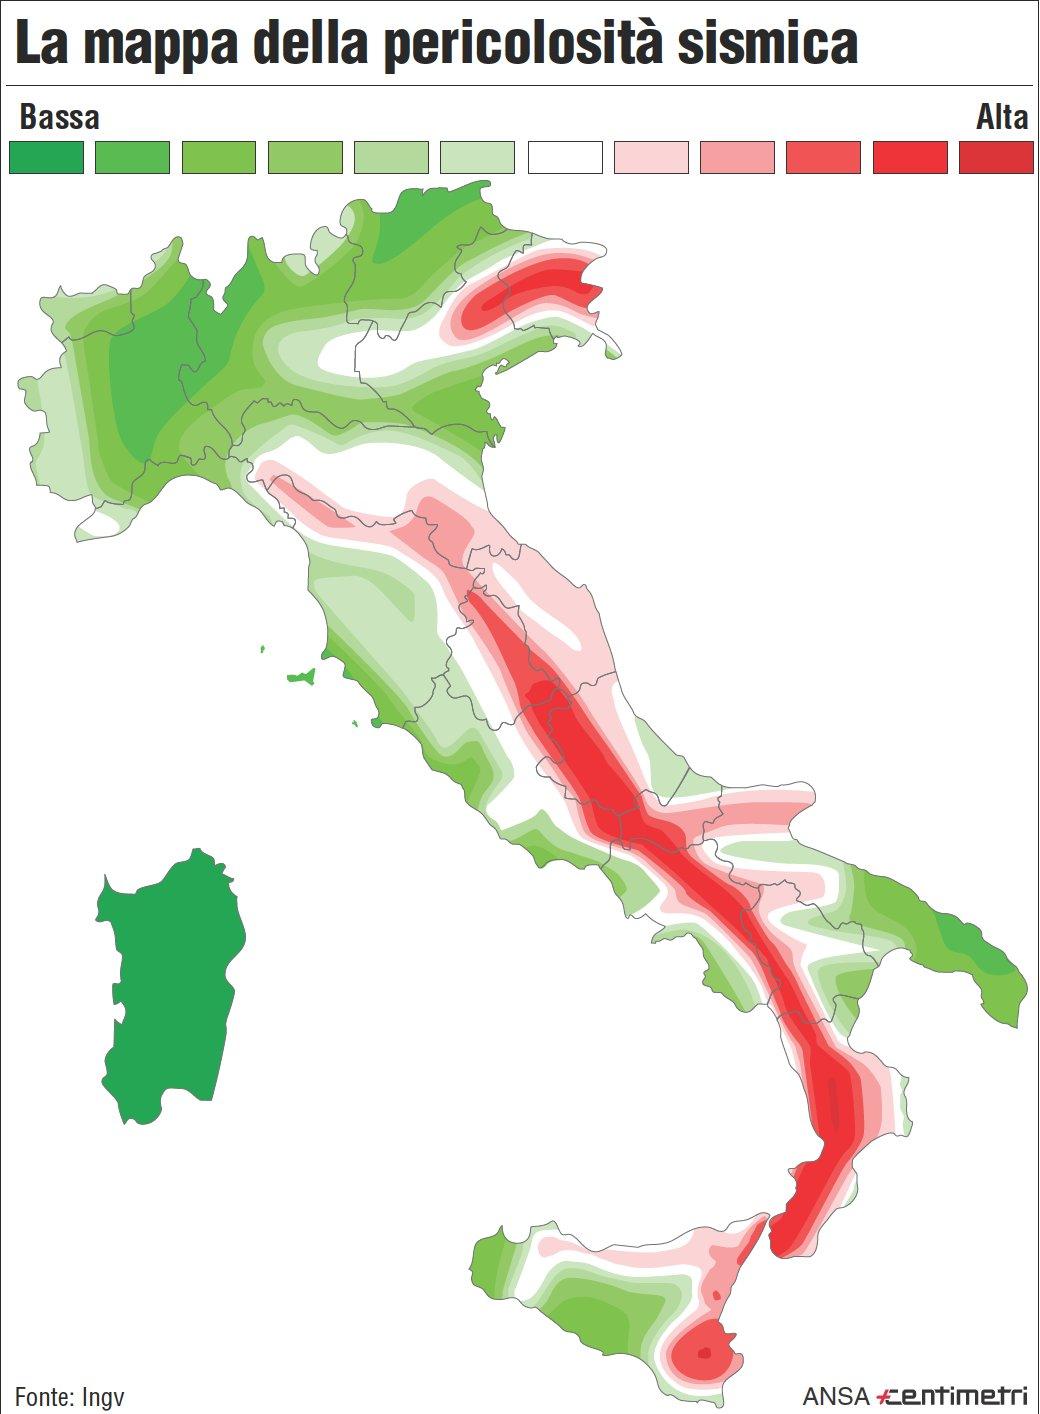 La mappa del rischio sismico in italia giornalettismo for Rischio sismico in italia